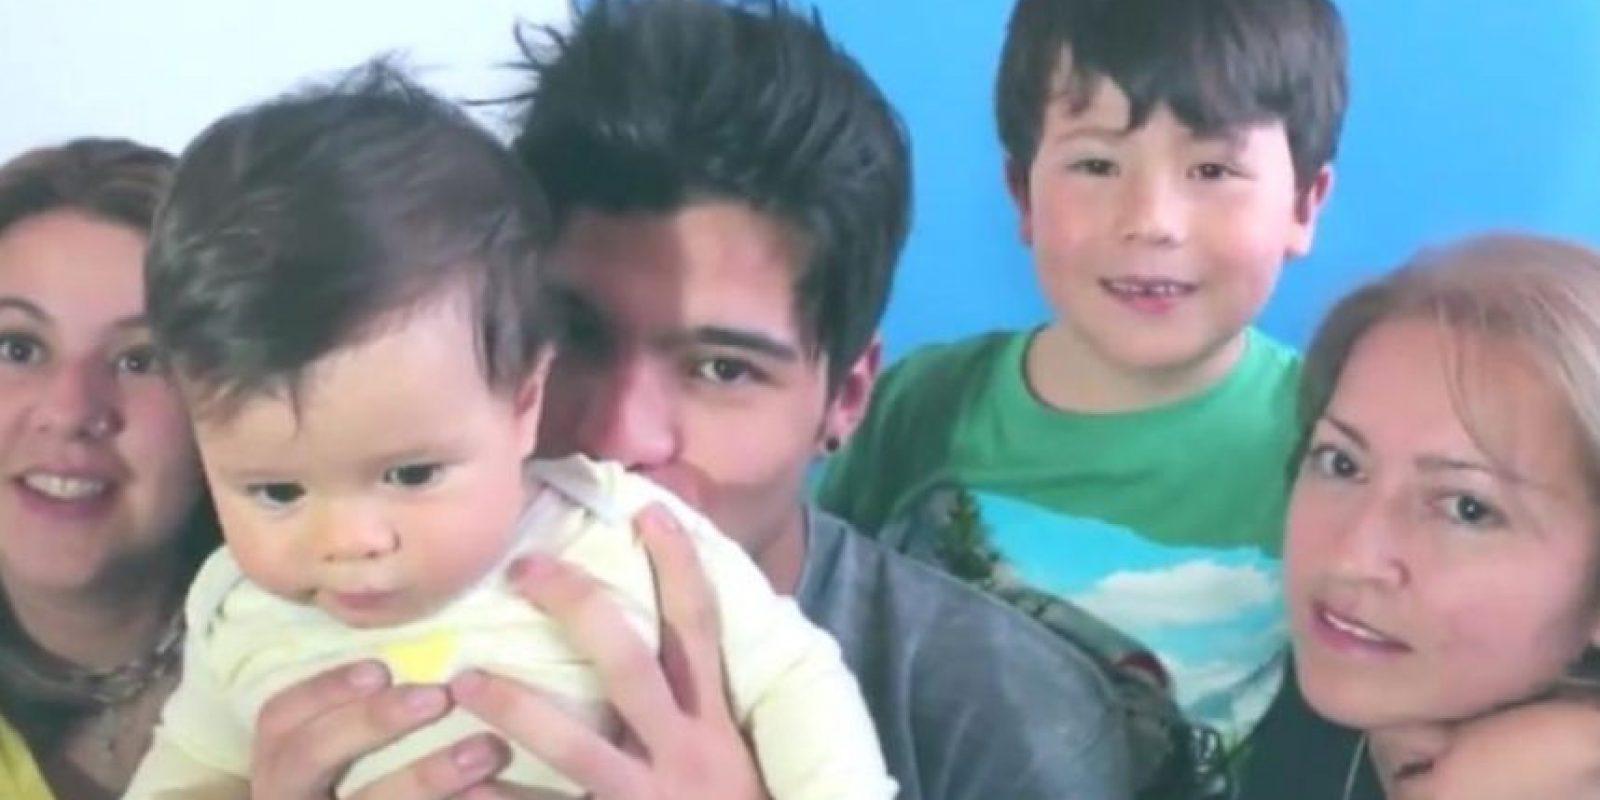 Villalobos al final presentó a su familia, amorosa y normal. Foto:Youtube/Sebastián Villalobos